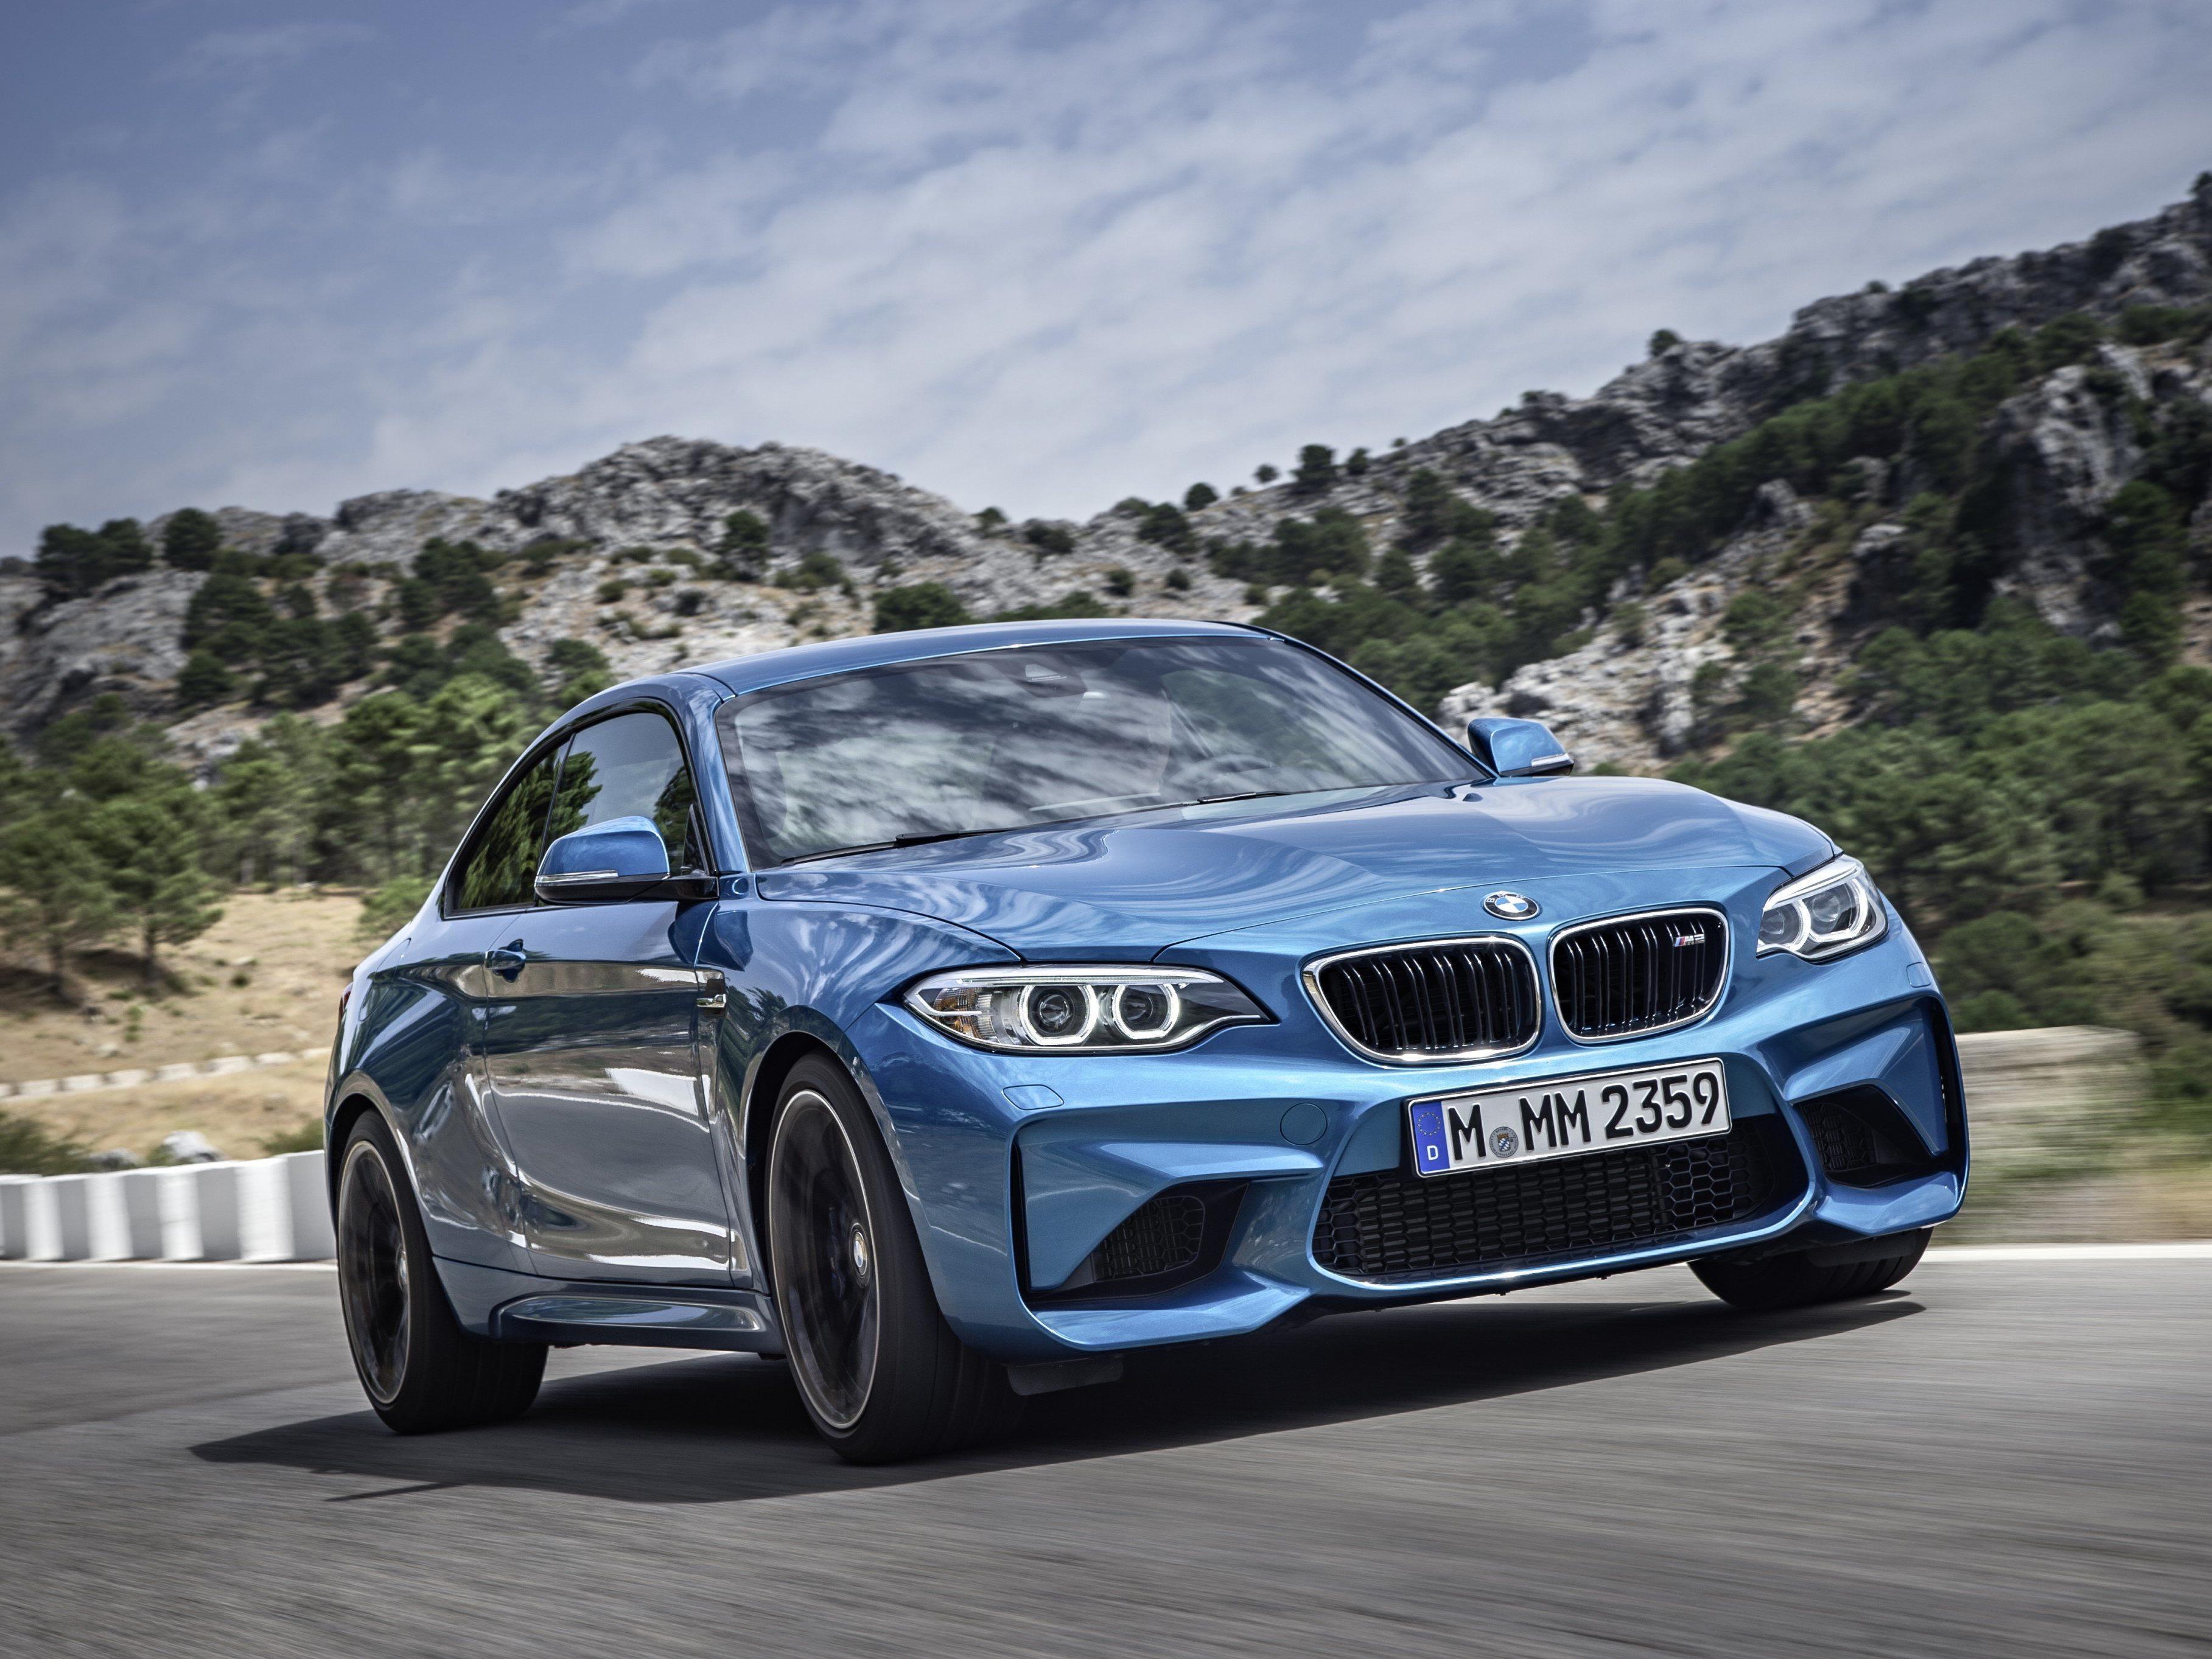 Kein Grund so böse zu schauen - Der neue BMW M2.